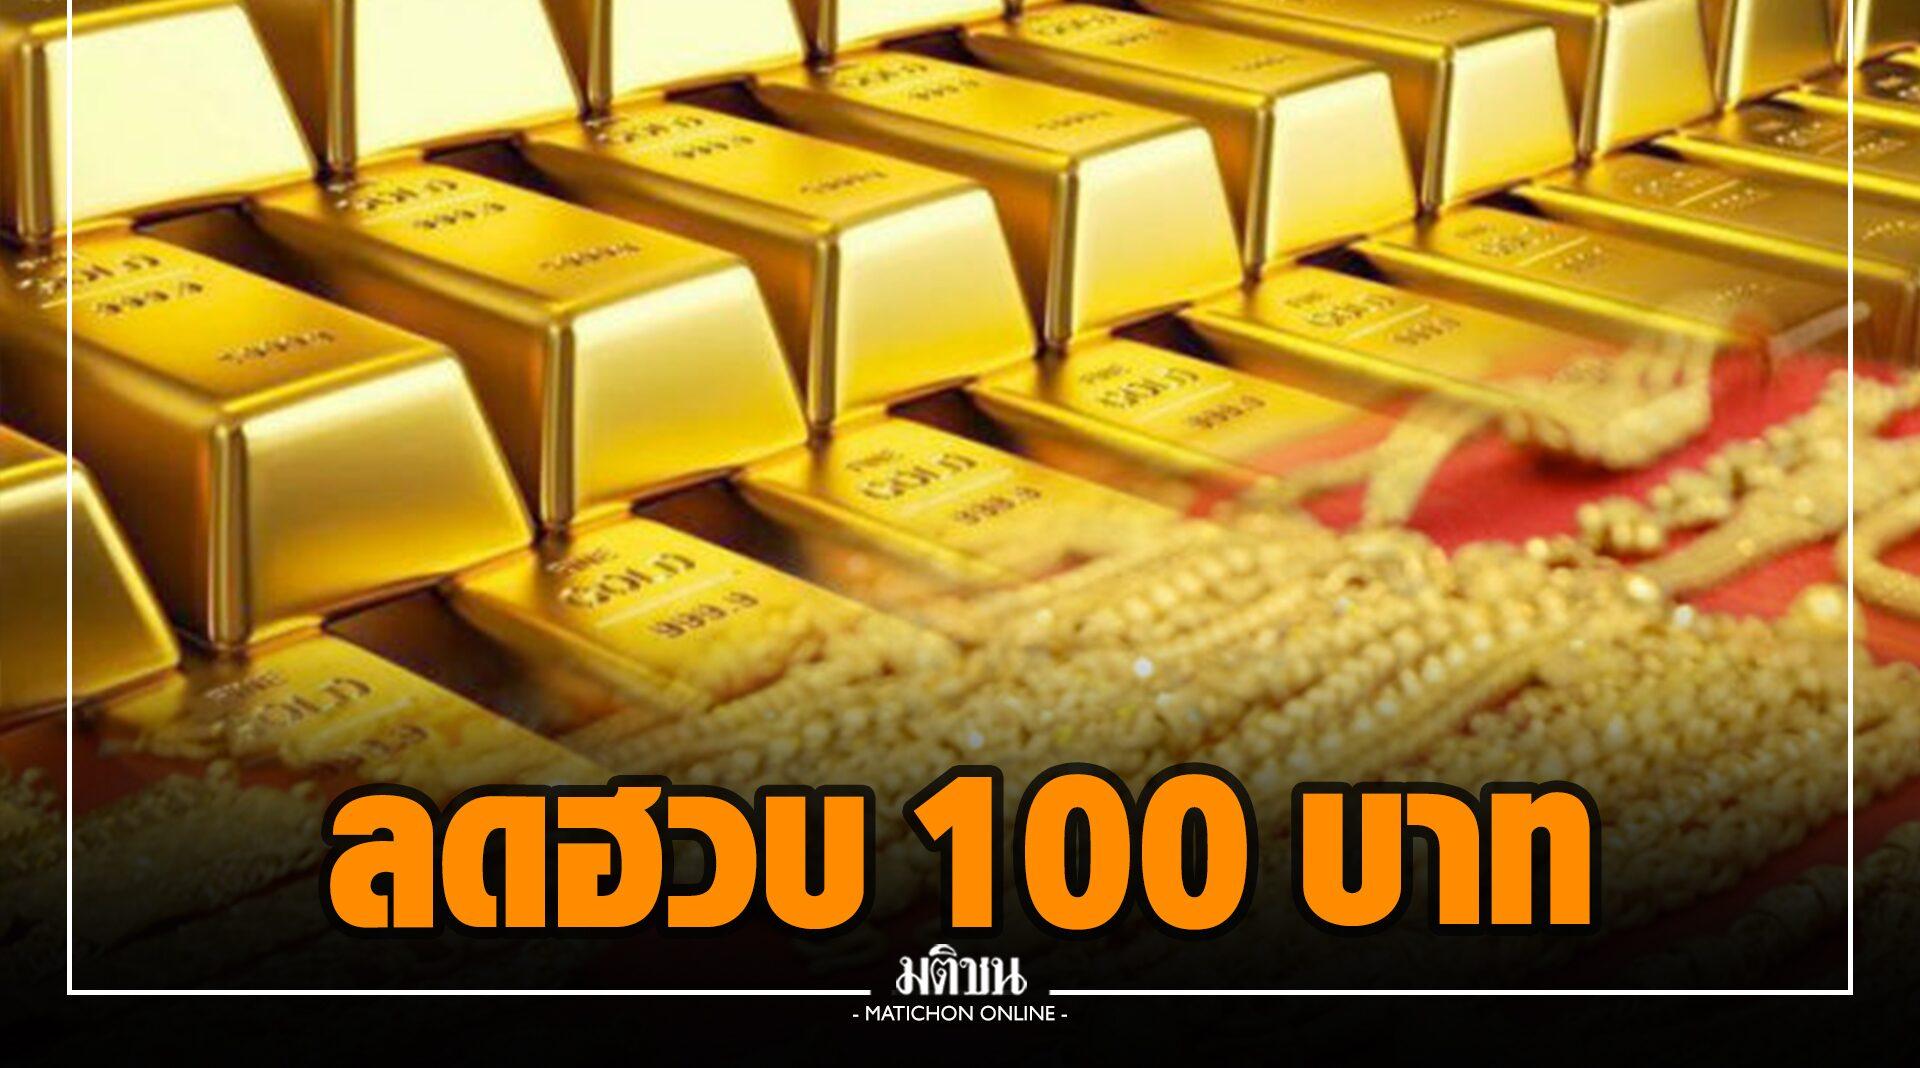 ราคาทองคำเช้านี้ เปิดตลาดลดฮวบ 100 บาท